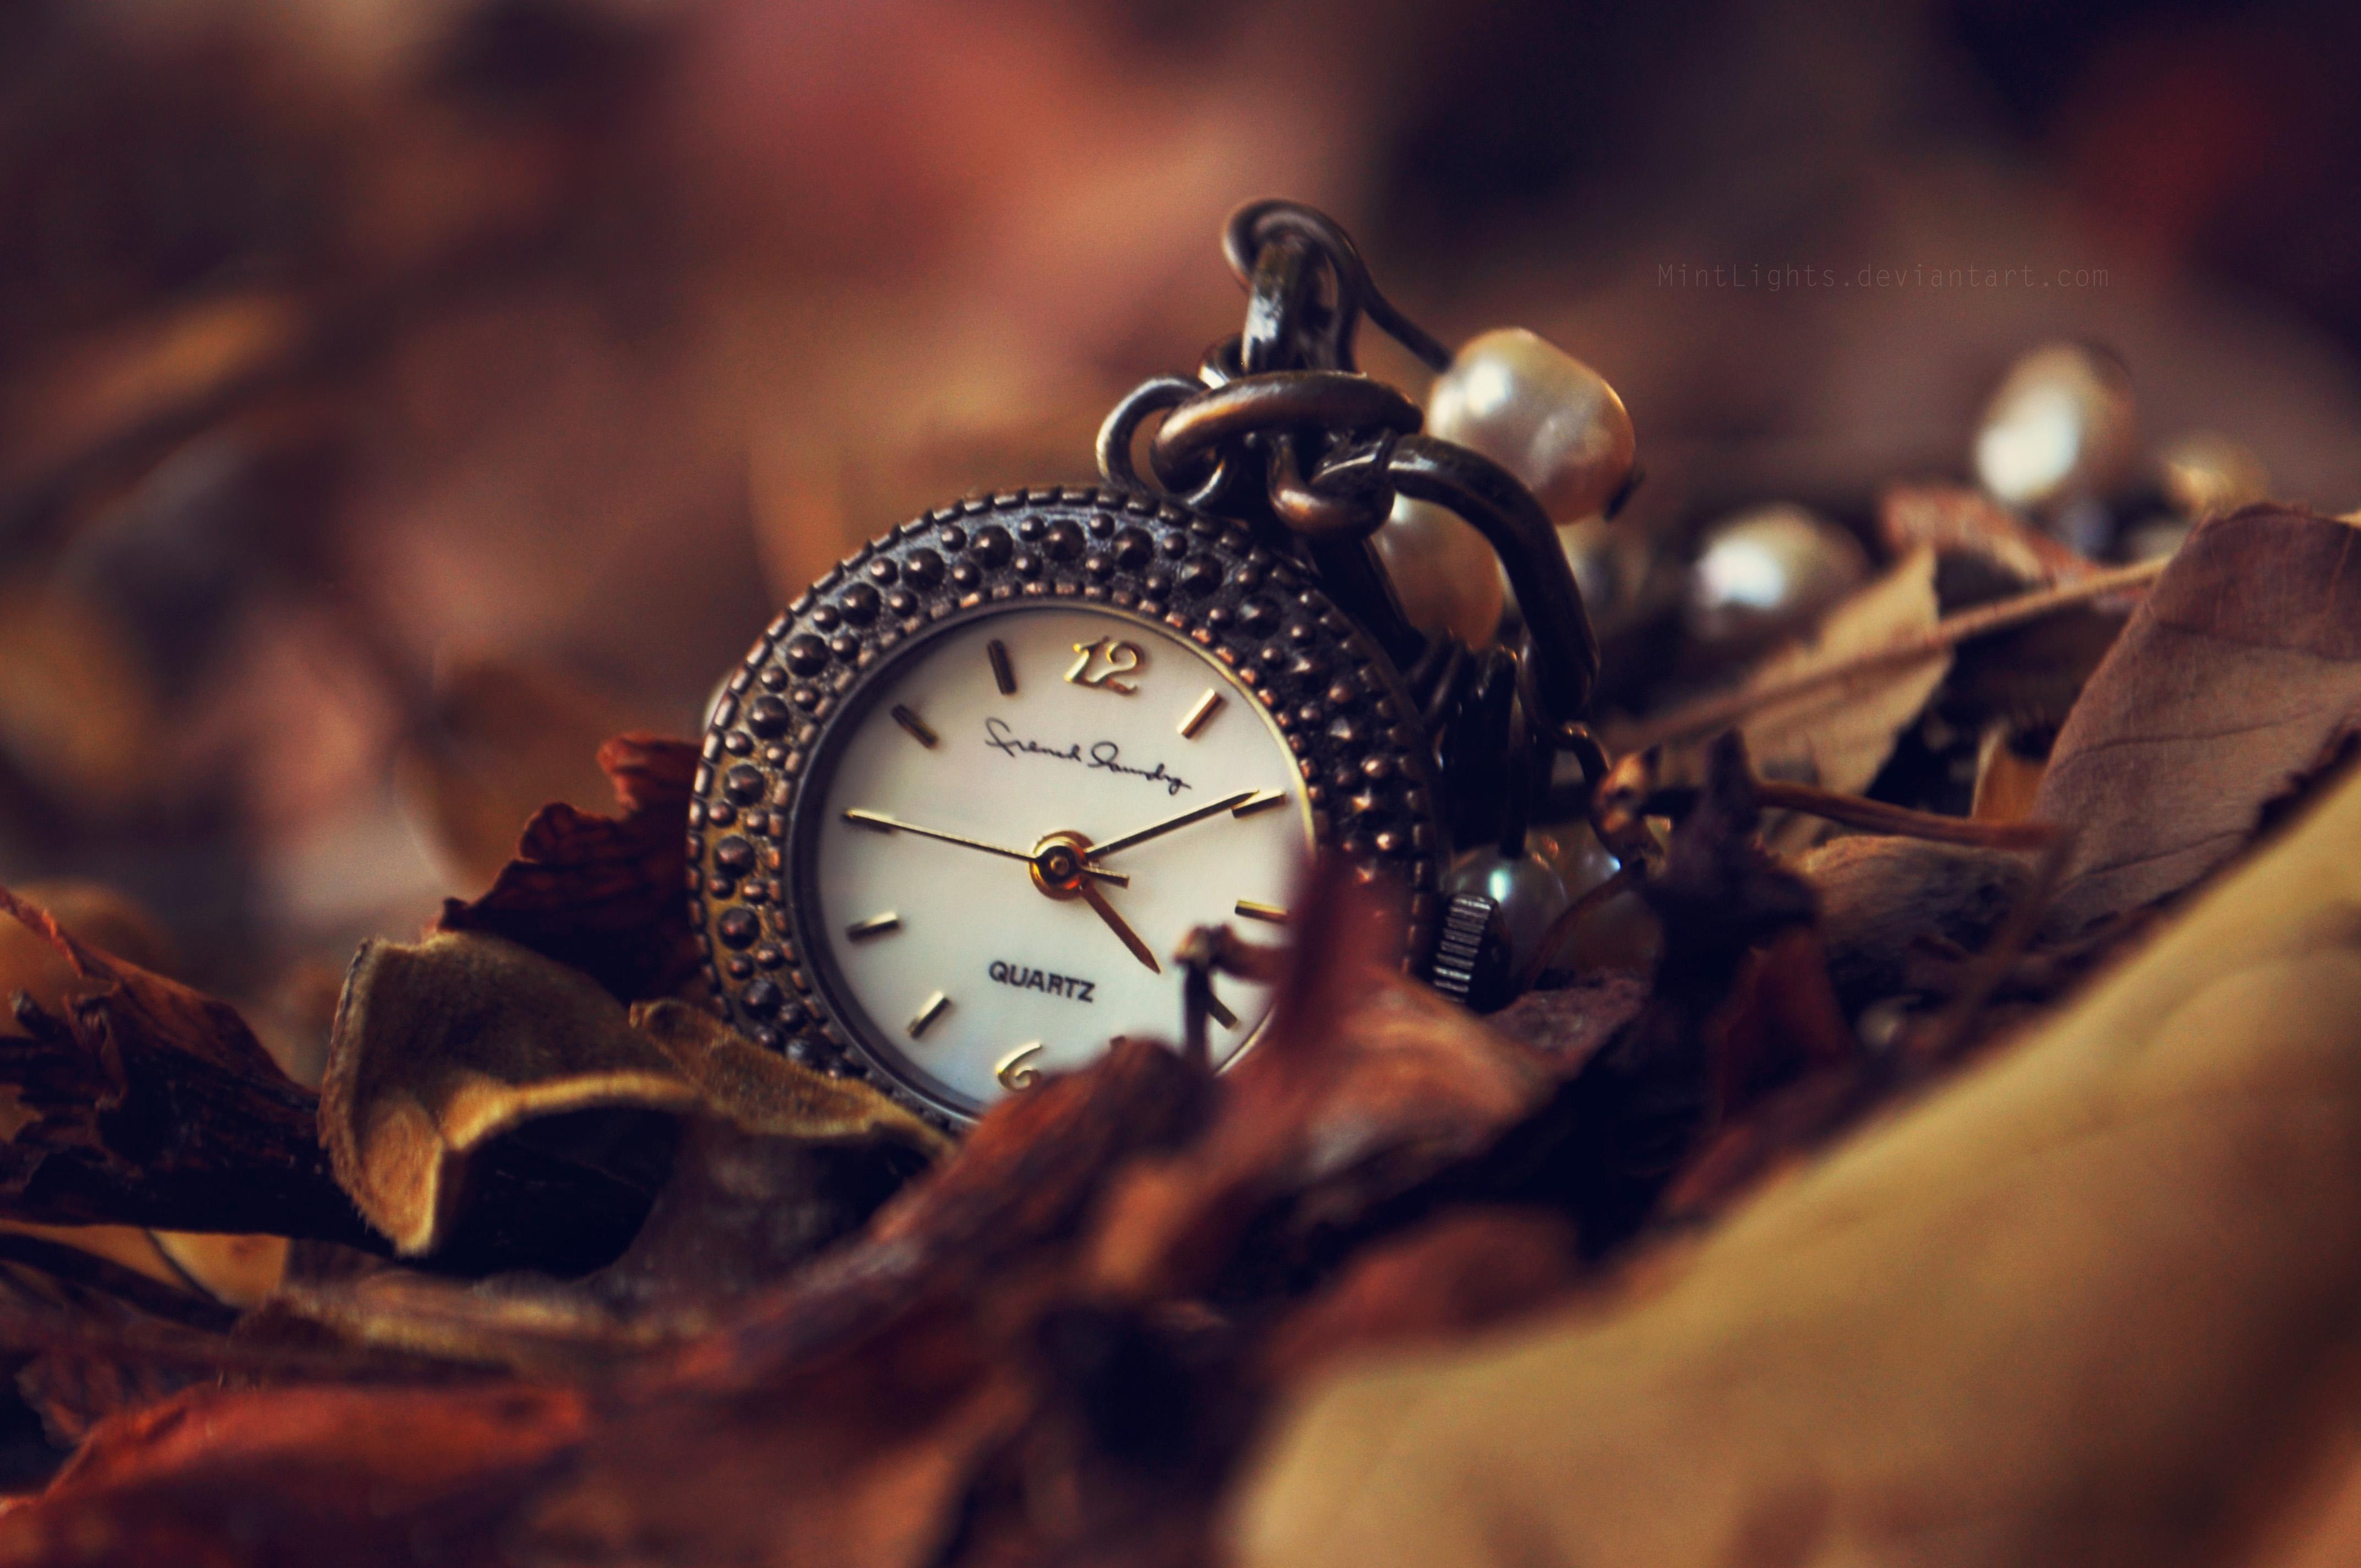 Карманные часы на сиреневом фоне бесплатно